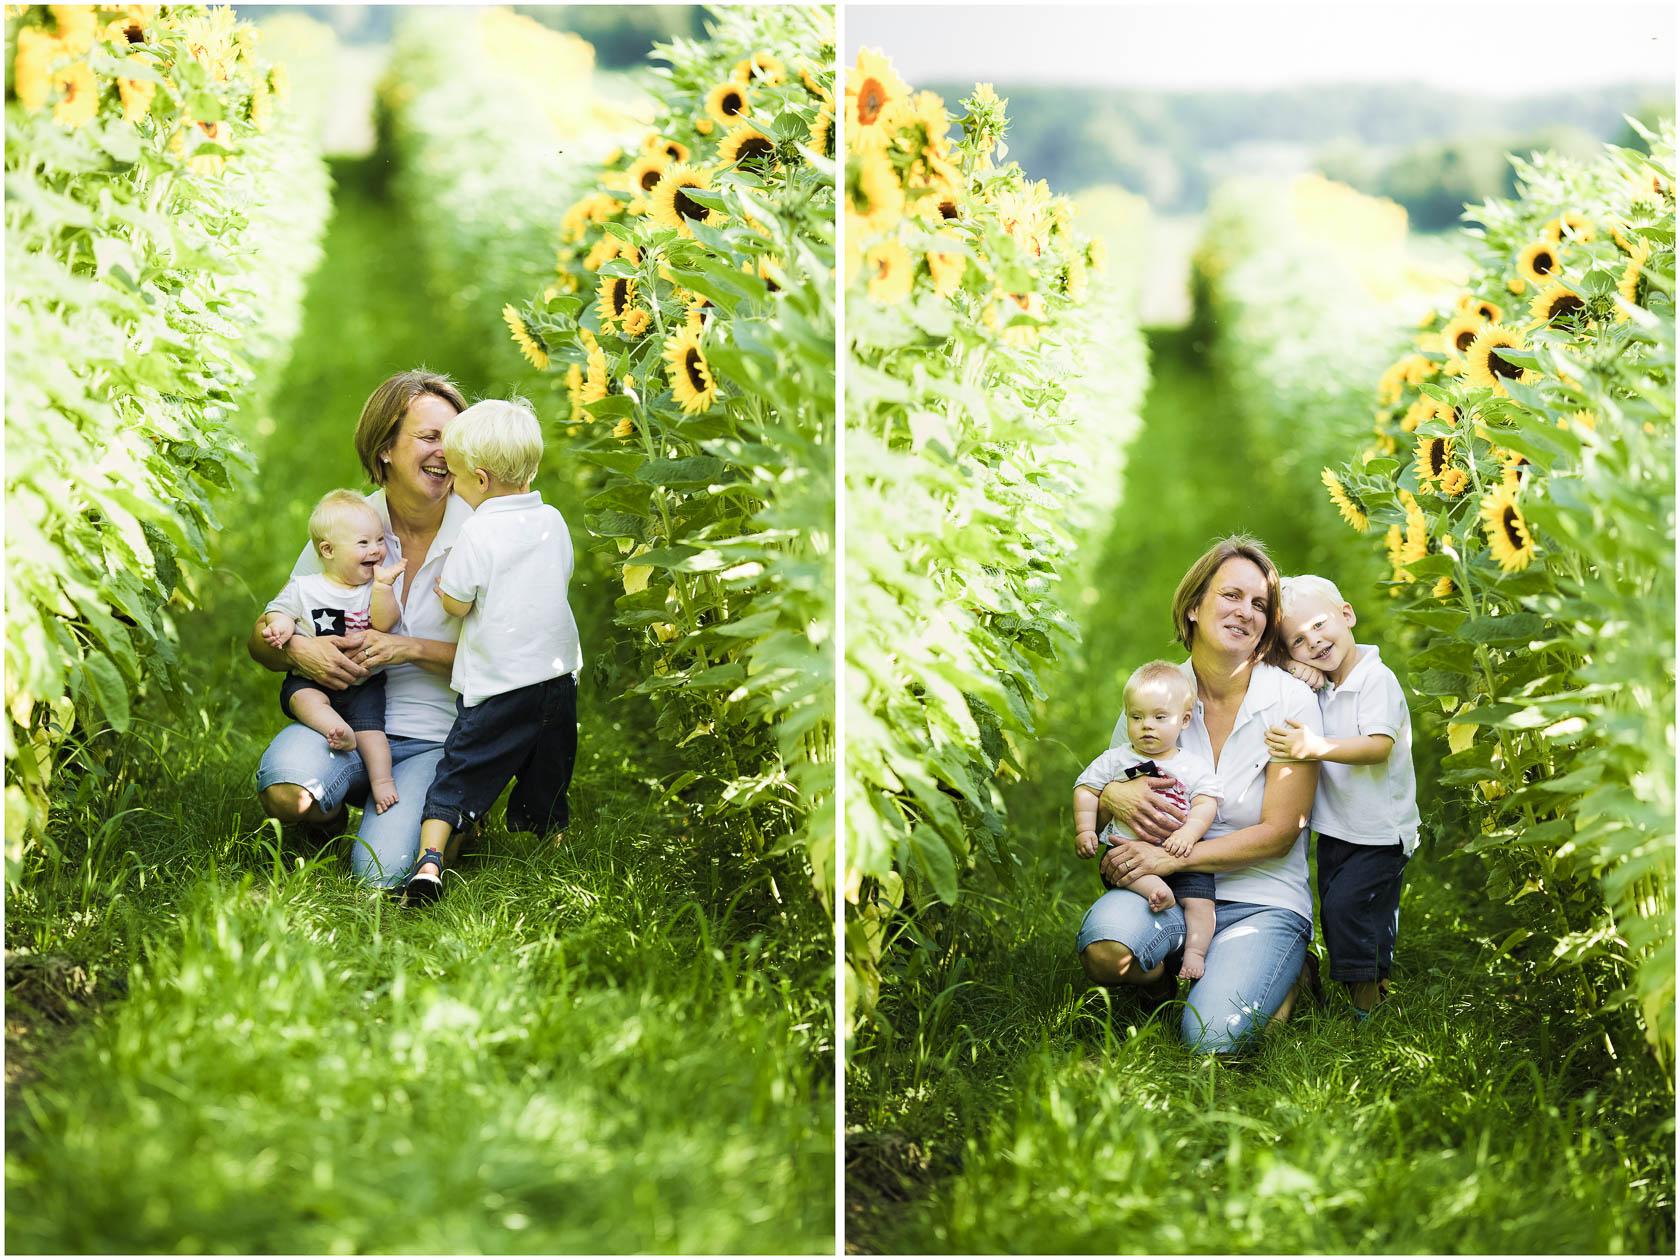 Familienfotos von Thea Philip Johannes Verena und Peter bei Speyer Familienfoto Sonnenblumen